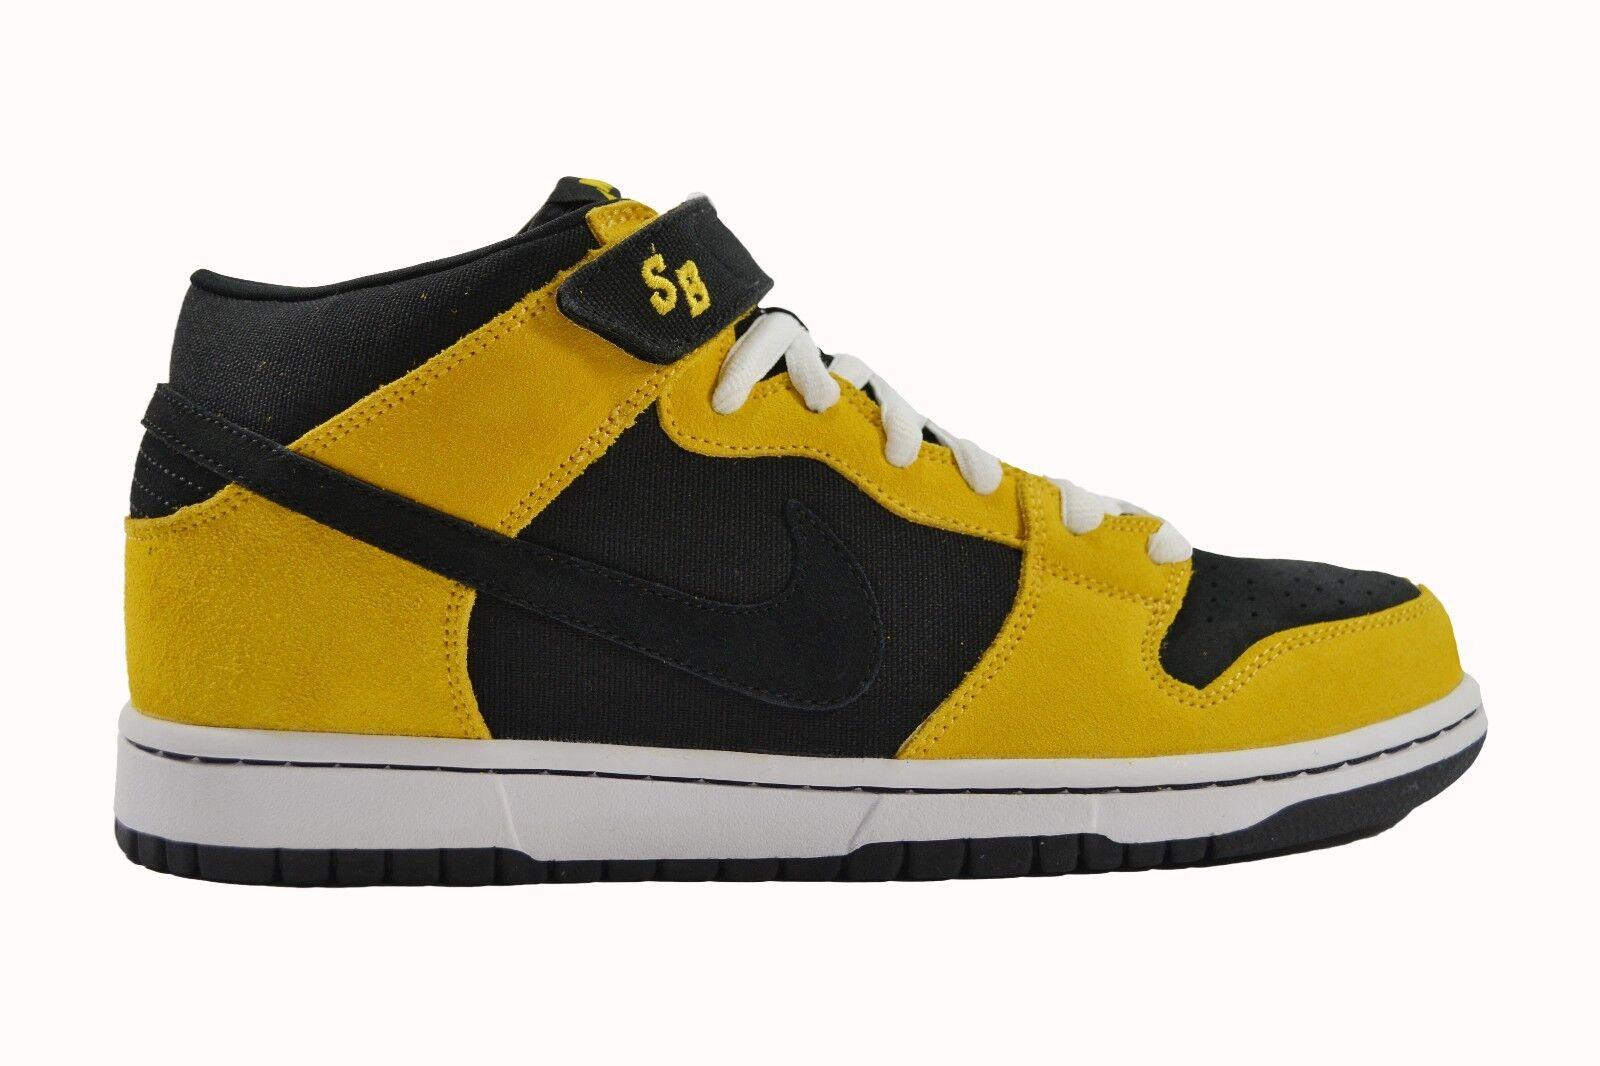 Nike Wu Tang DUNK MID PRO SB Black Varsity Yellow 314383-004 (267) Men's Shoes